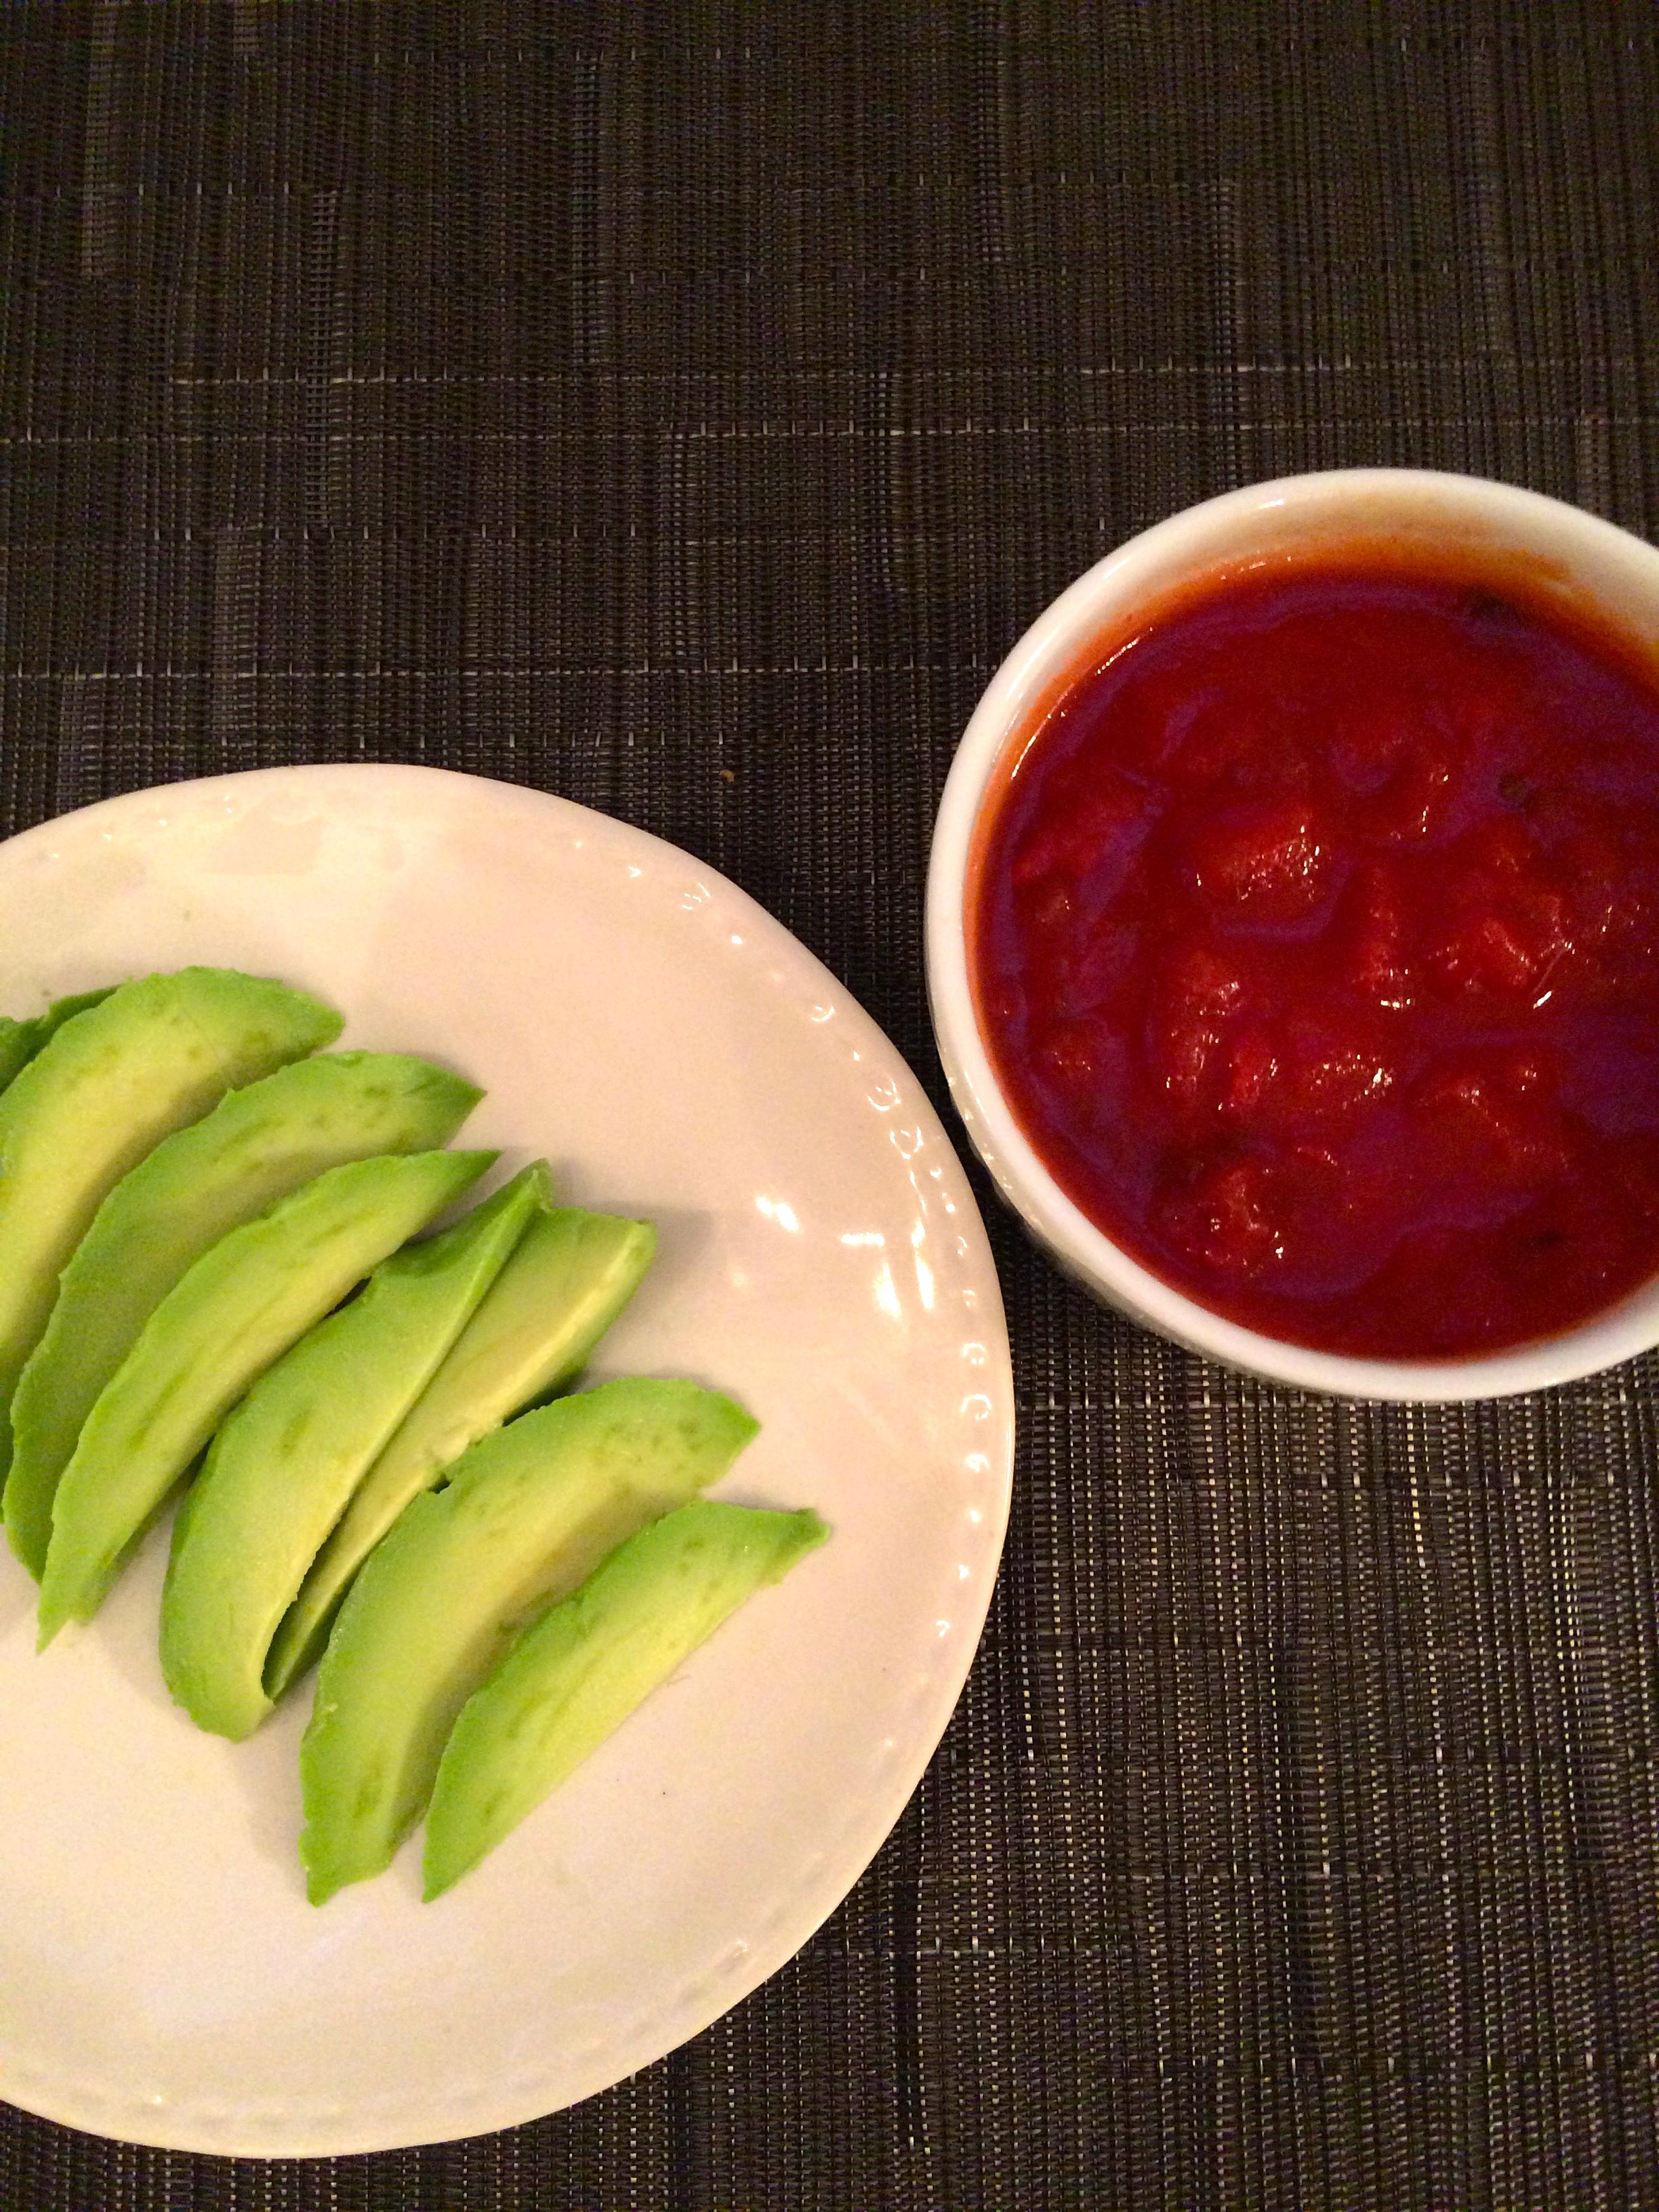 Avocado and salsa for nachos